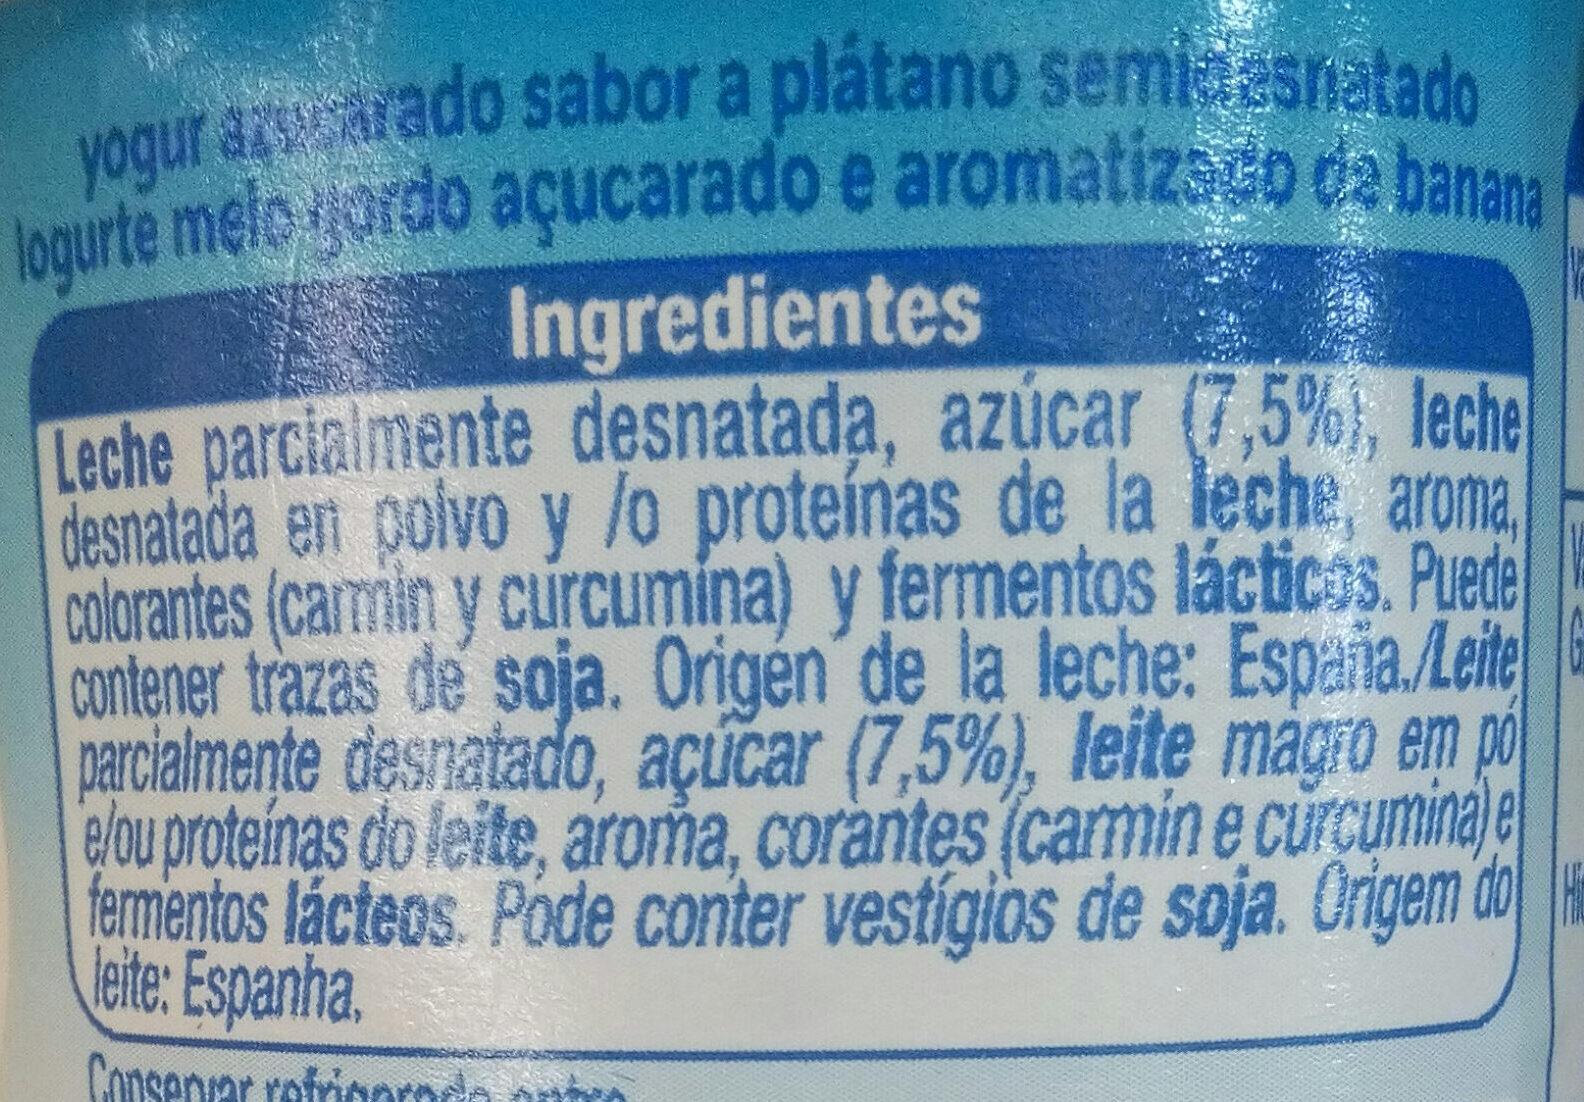 Yogur platano - Ingredientes - es